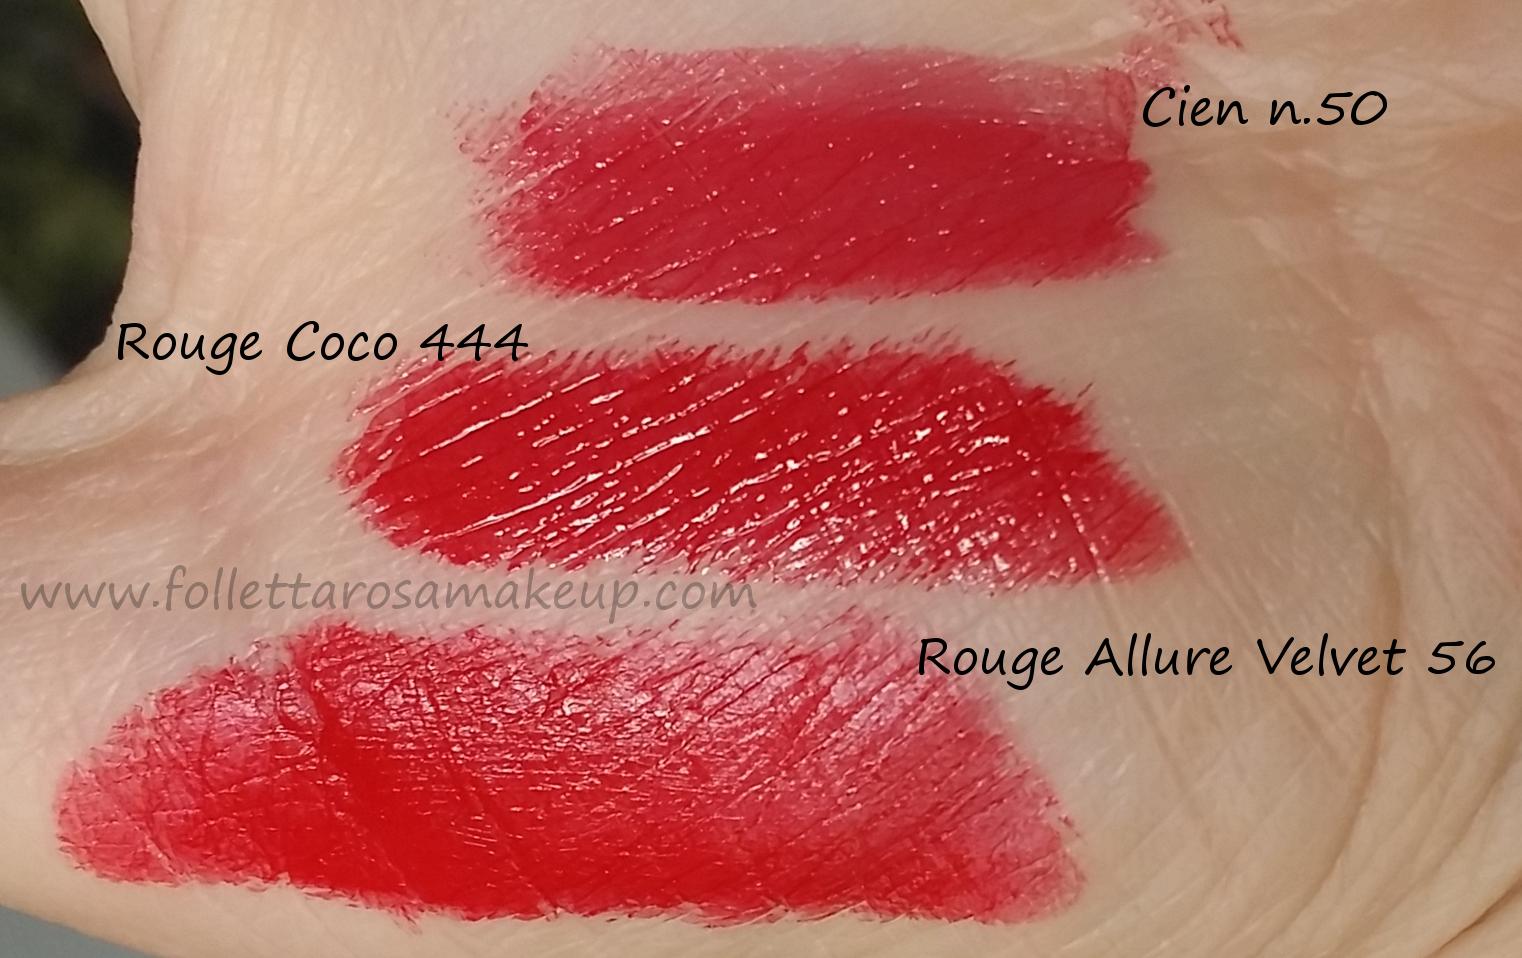 swatch-comparazioni-rossetti-rossi-chanel